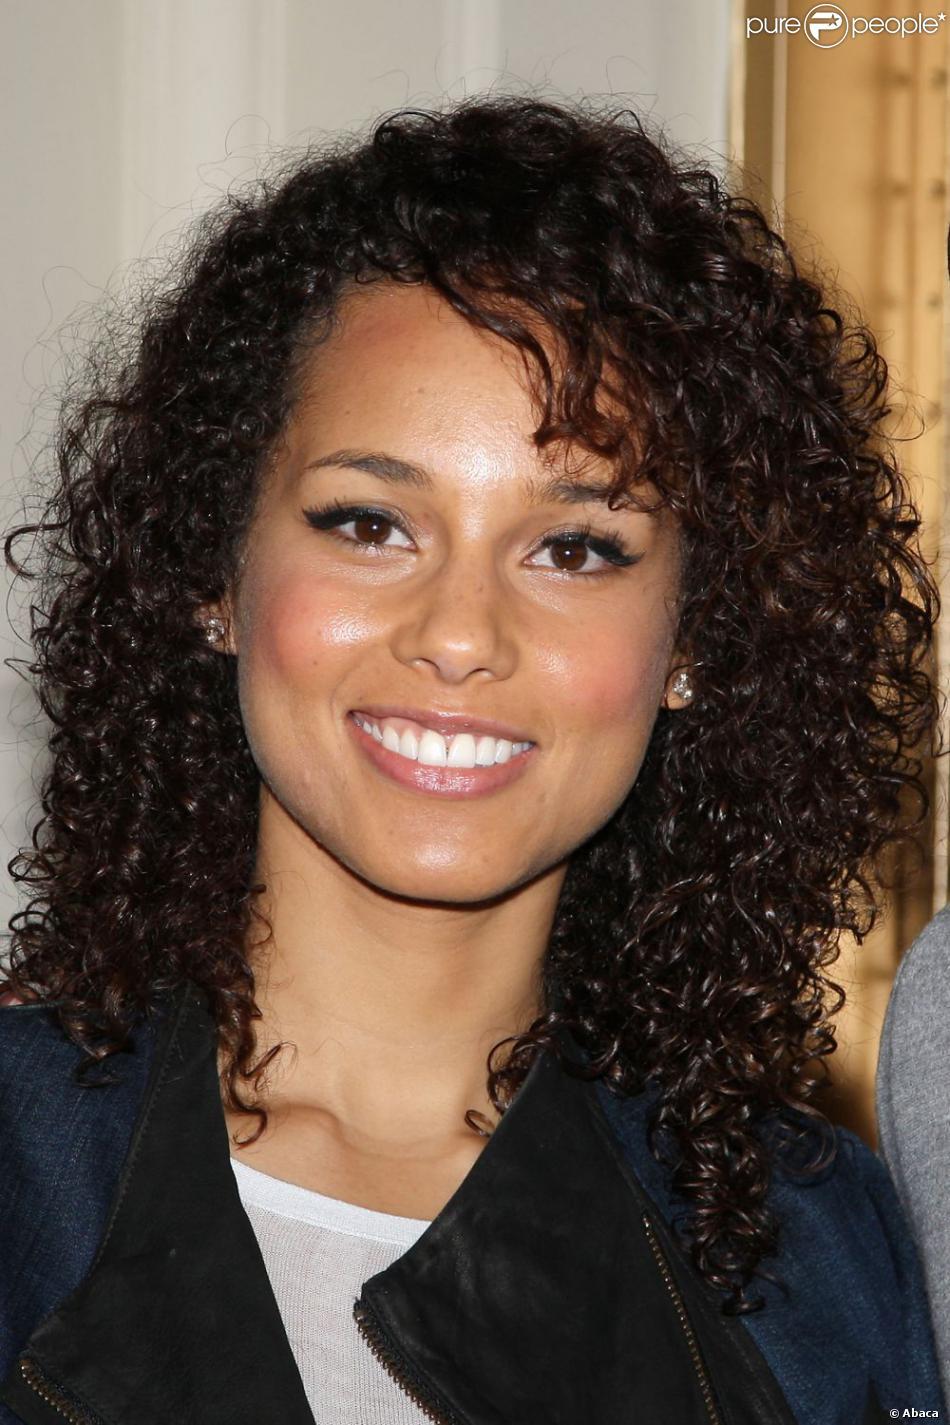 Très Alicia Keys a longtemps porté les cheveux longs et frisés. PB22